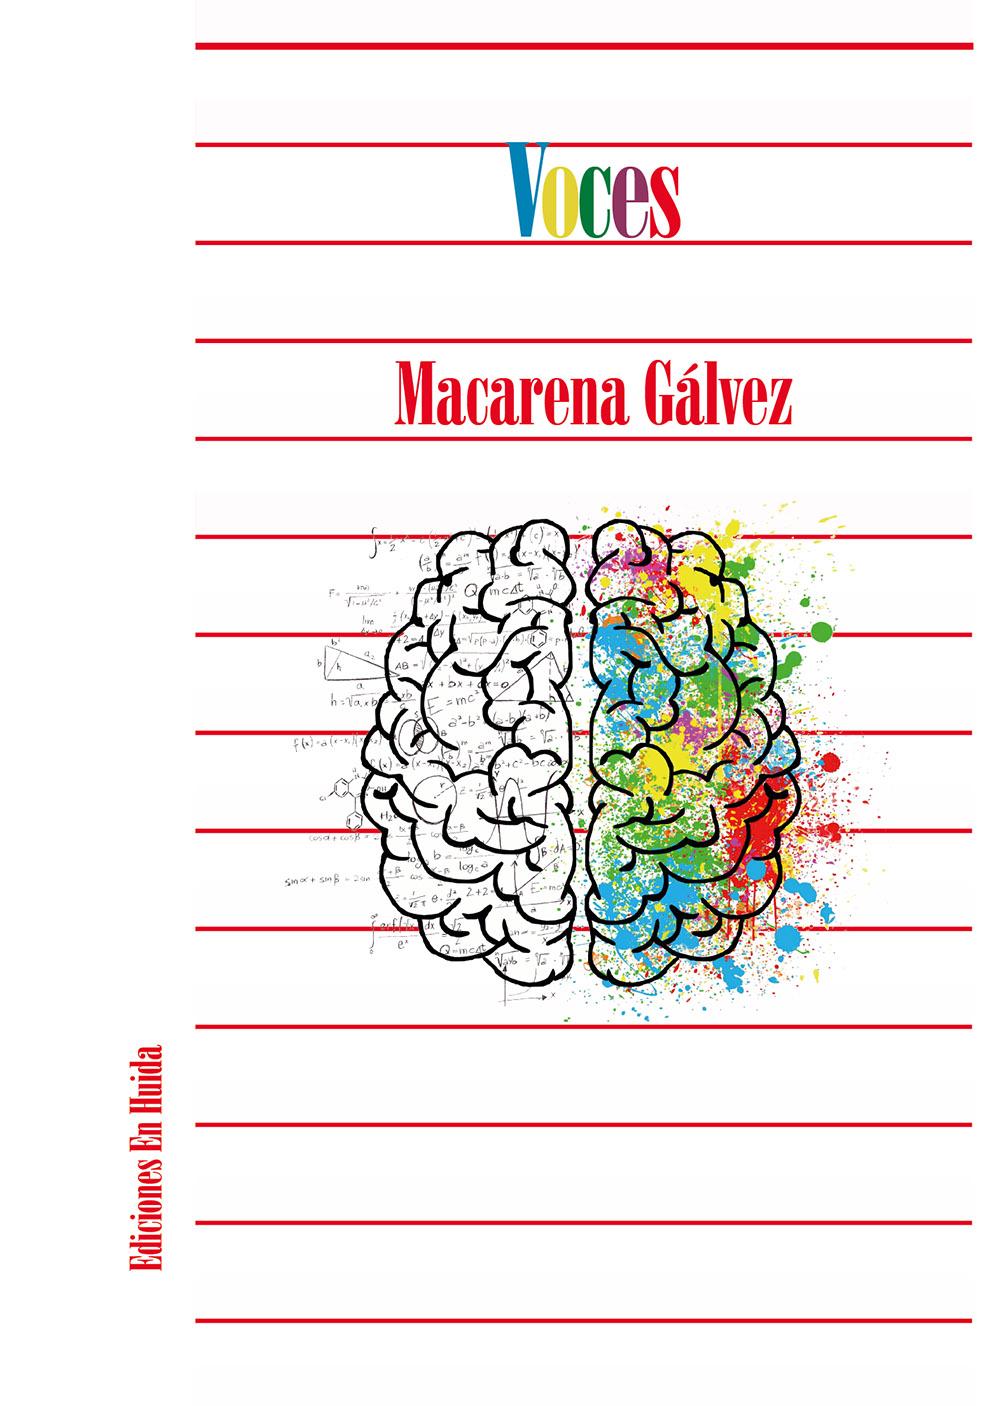 A sus recién cumplidos 18 años, la sevillana Macarena Gálvez ha publicado el poemario Voces, siendo este su tarjeta de presentación en el mundo de la creación literaria.